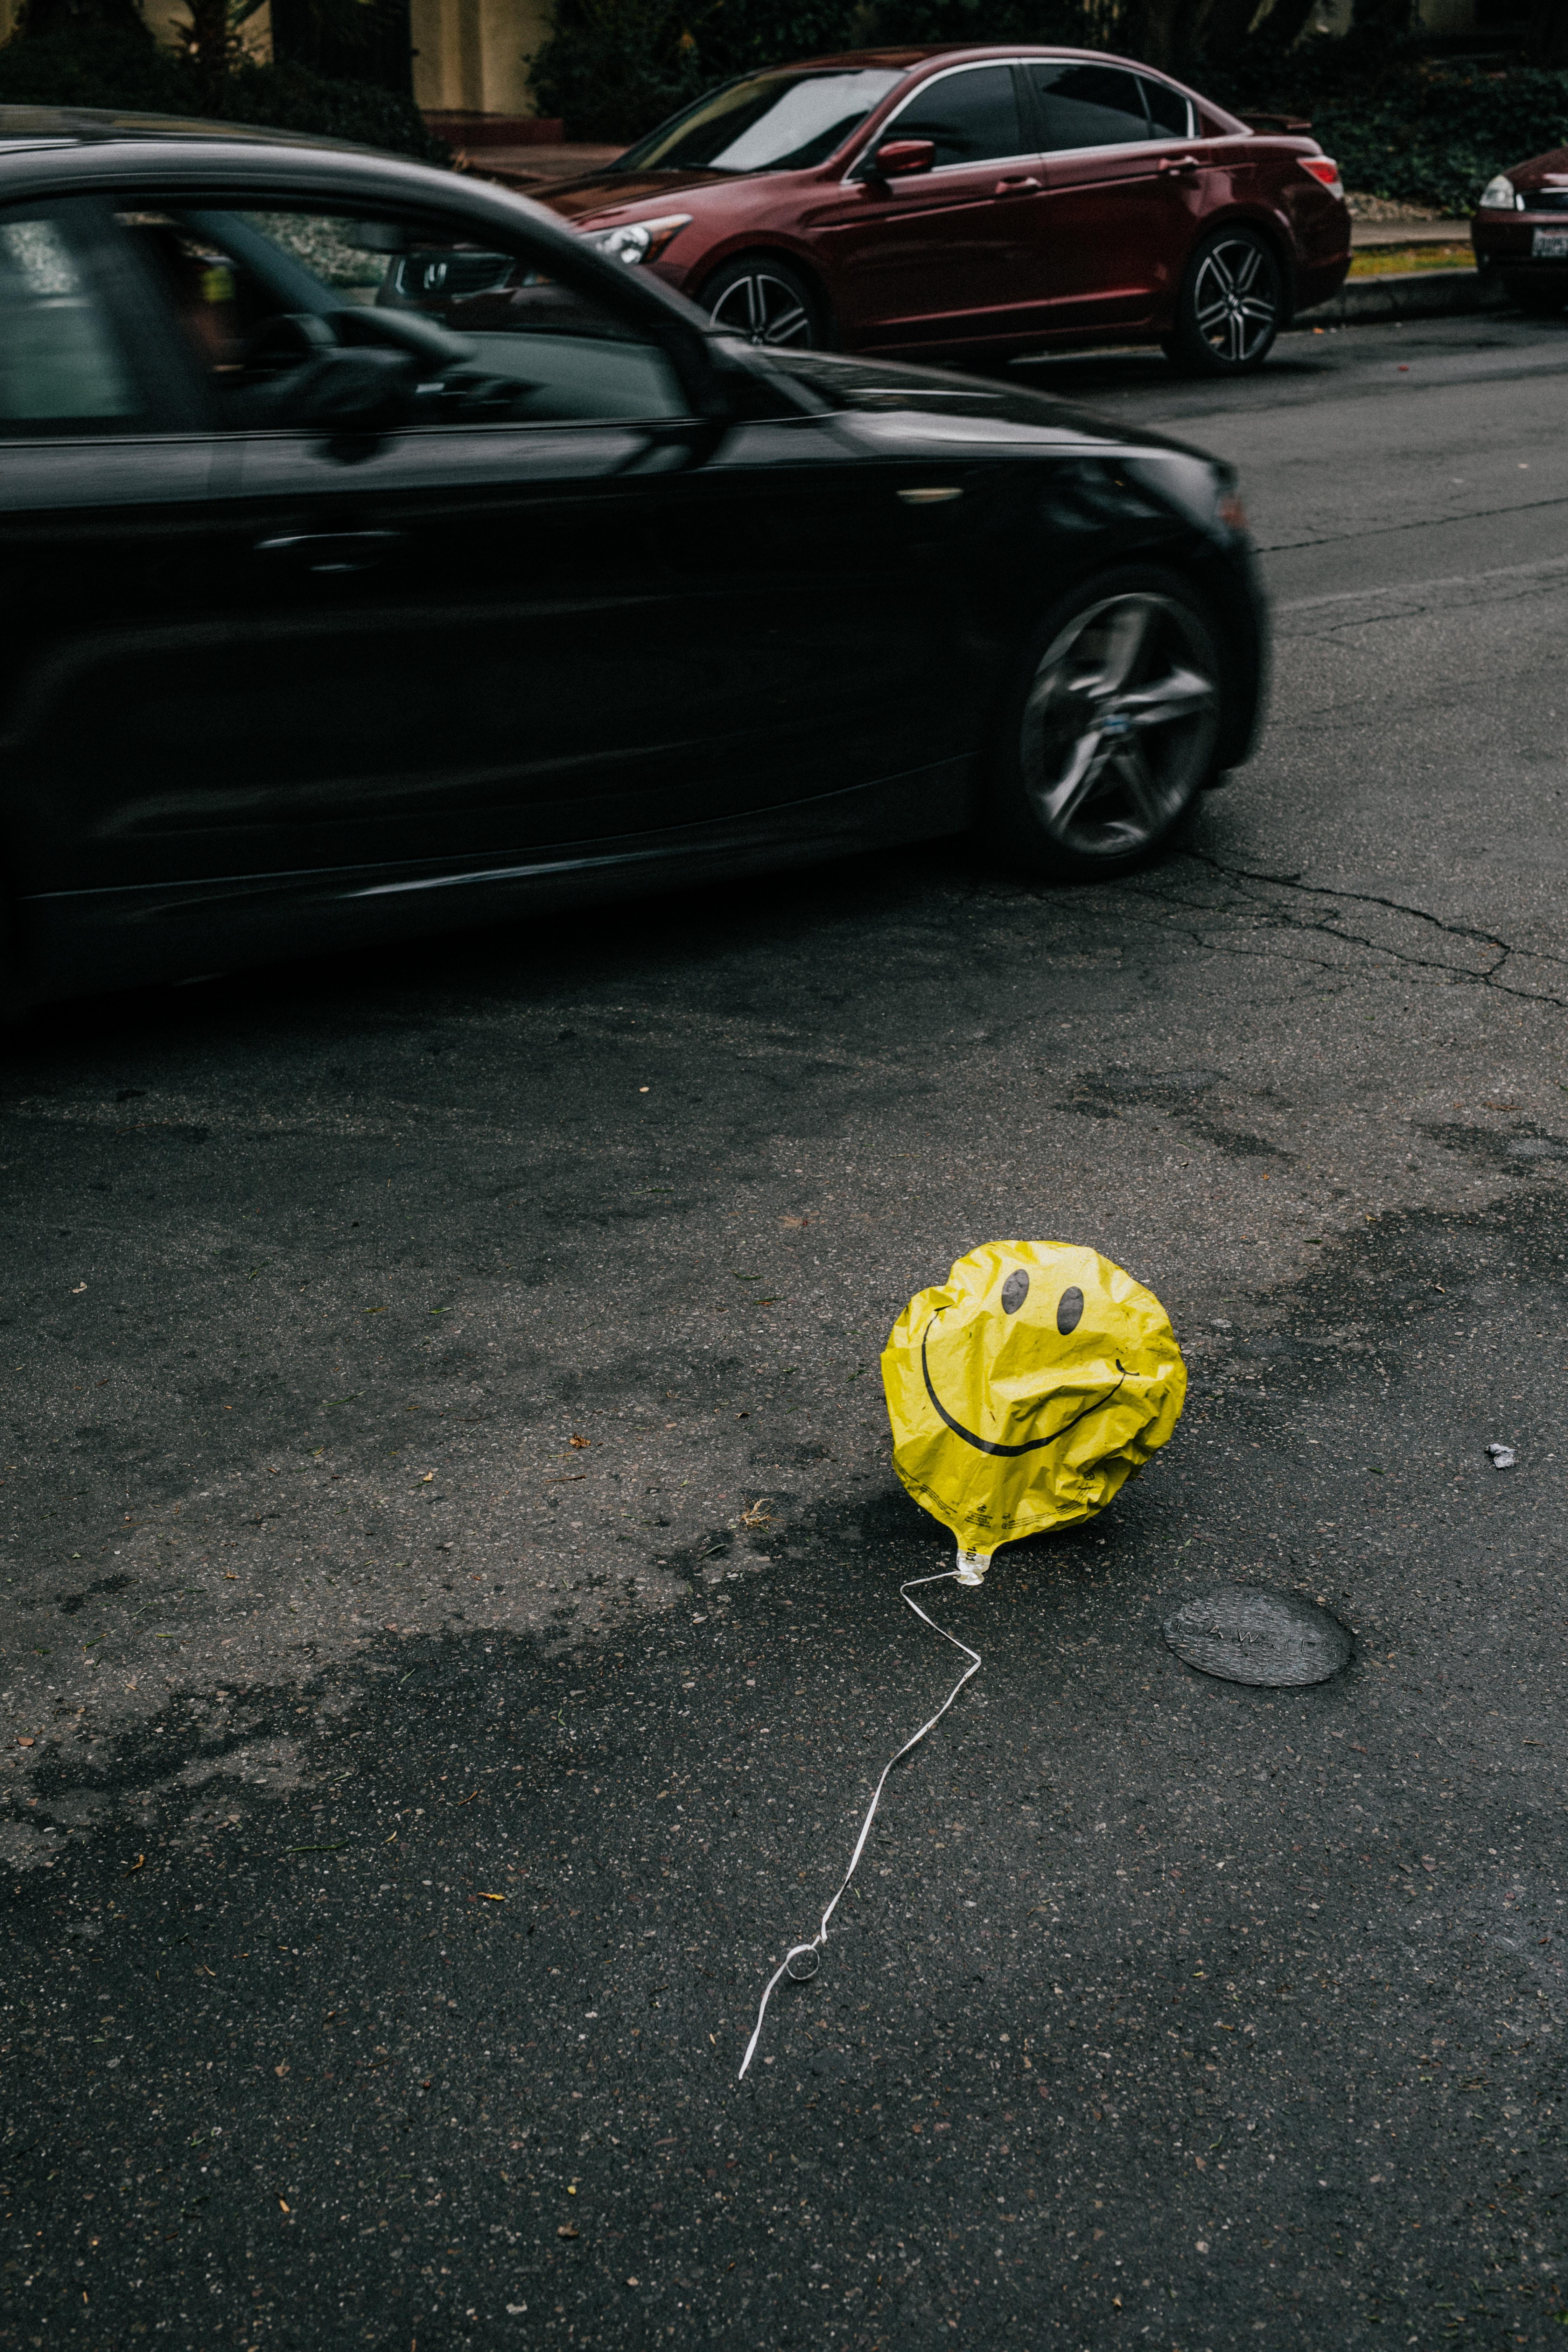 globus desinflat amb careta somrient al mig de la carretera amb cotxes al fons